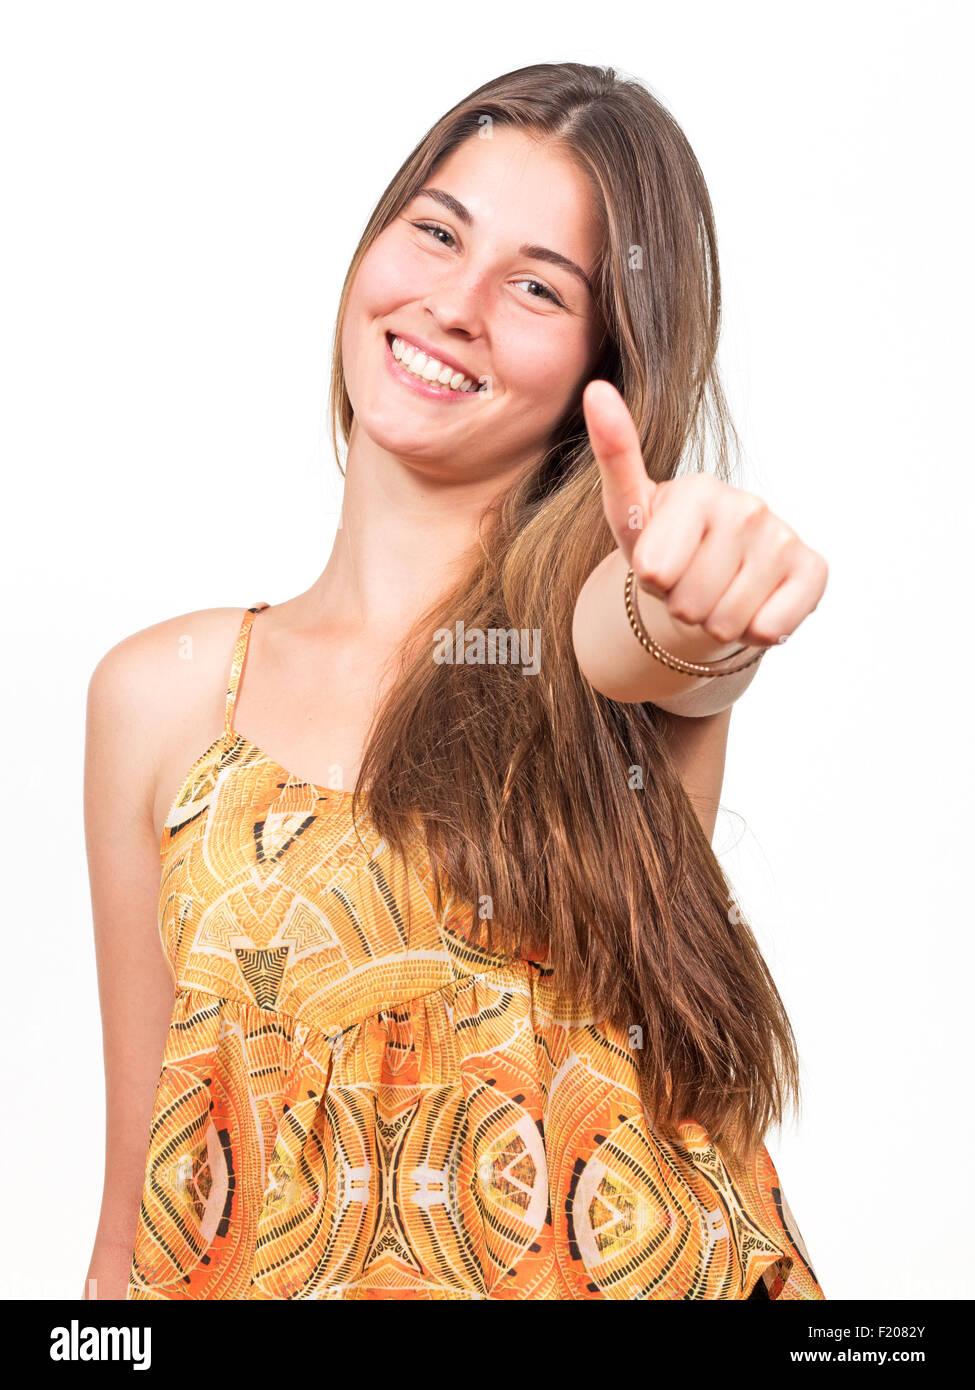 Junge Frau zeigt mit dem Daumen nach oben - Stock Image